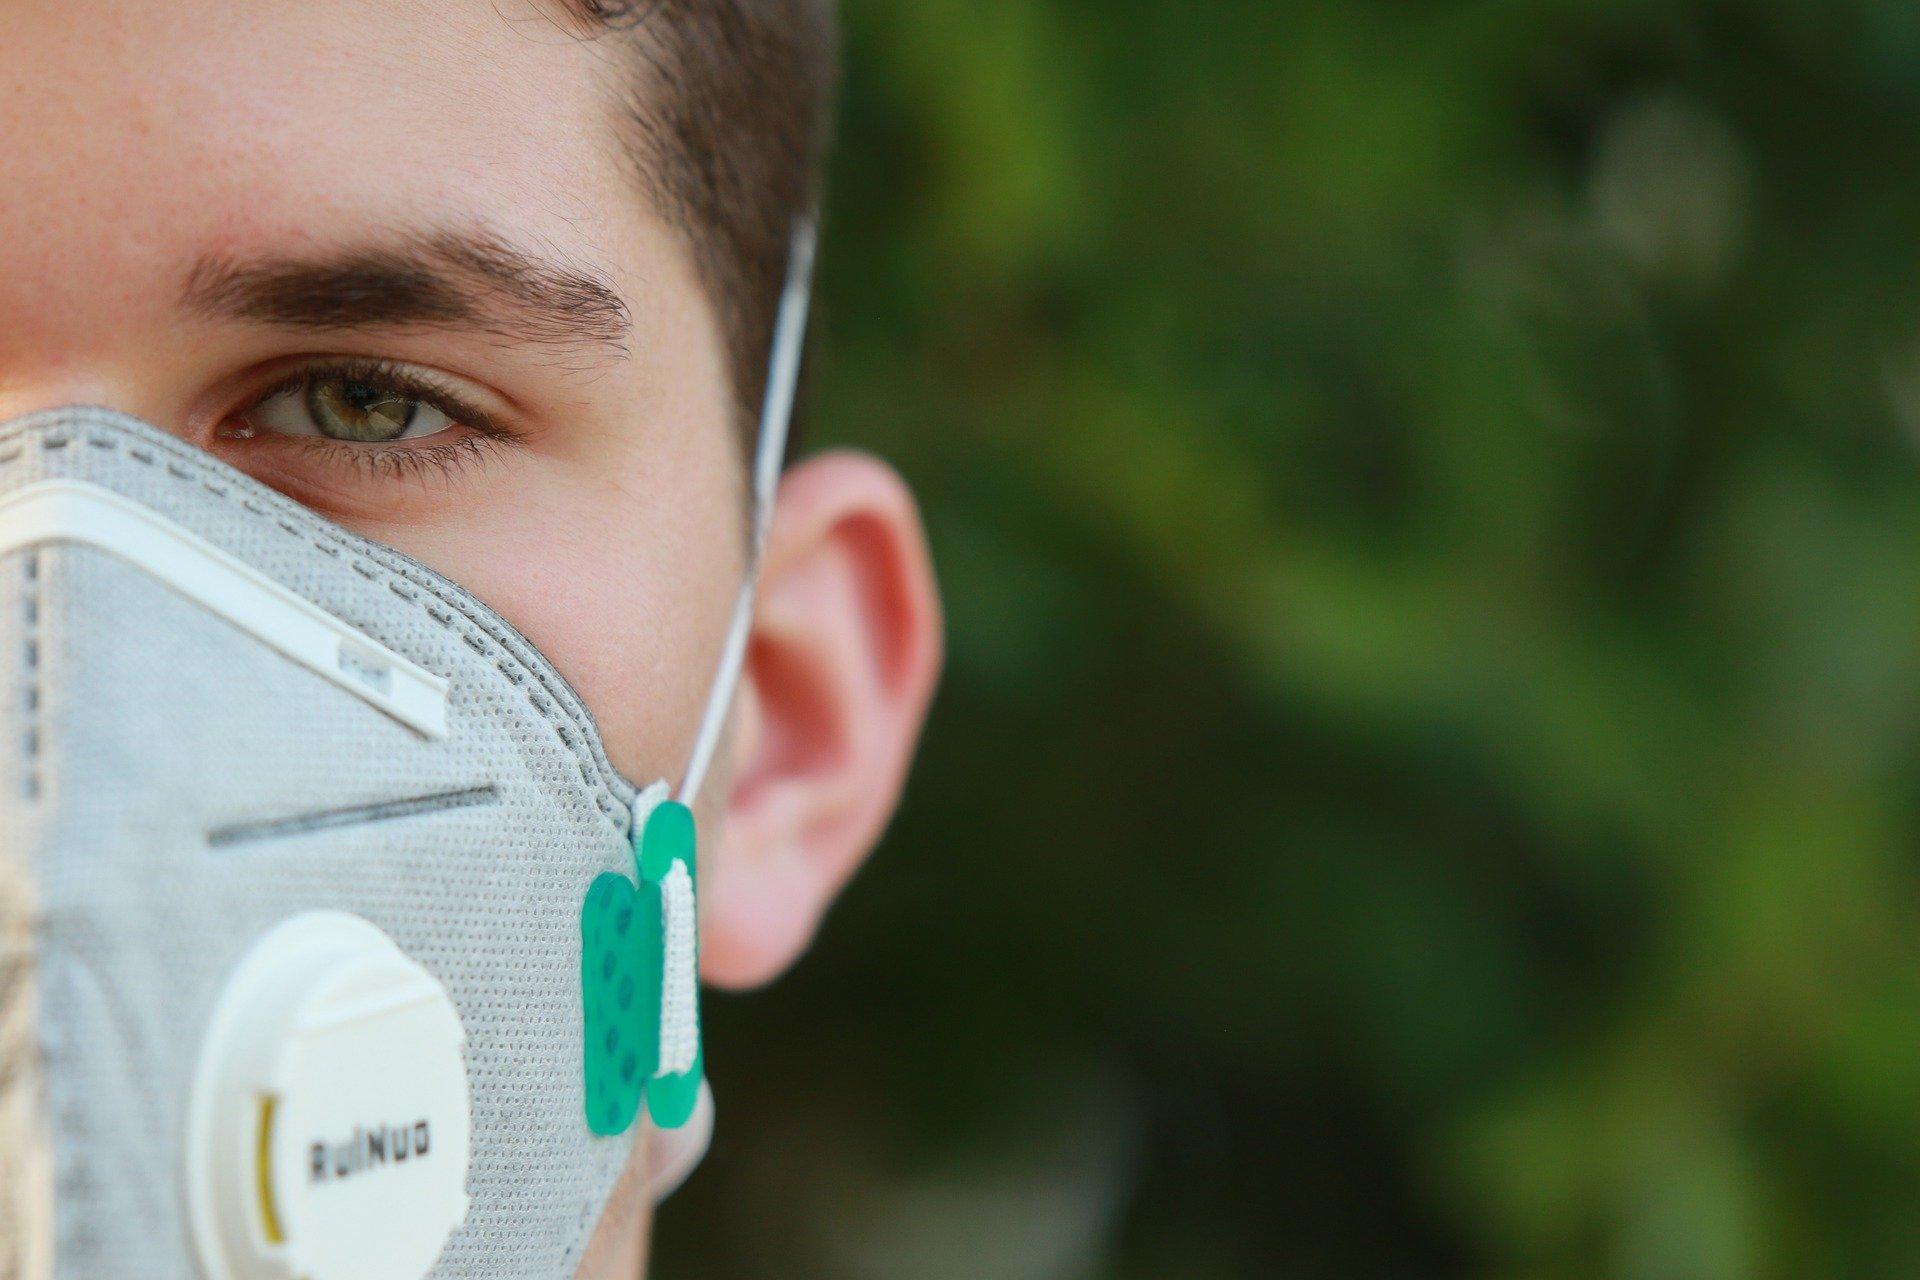 荷兰官方称口罩手套足够应对第二波疫情!过半数居民支持重罚